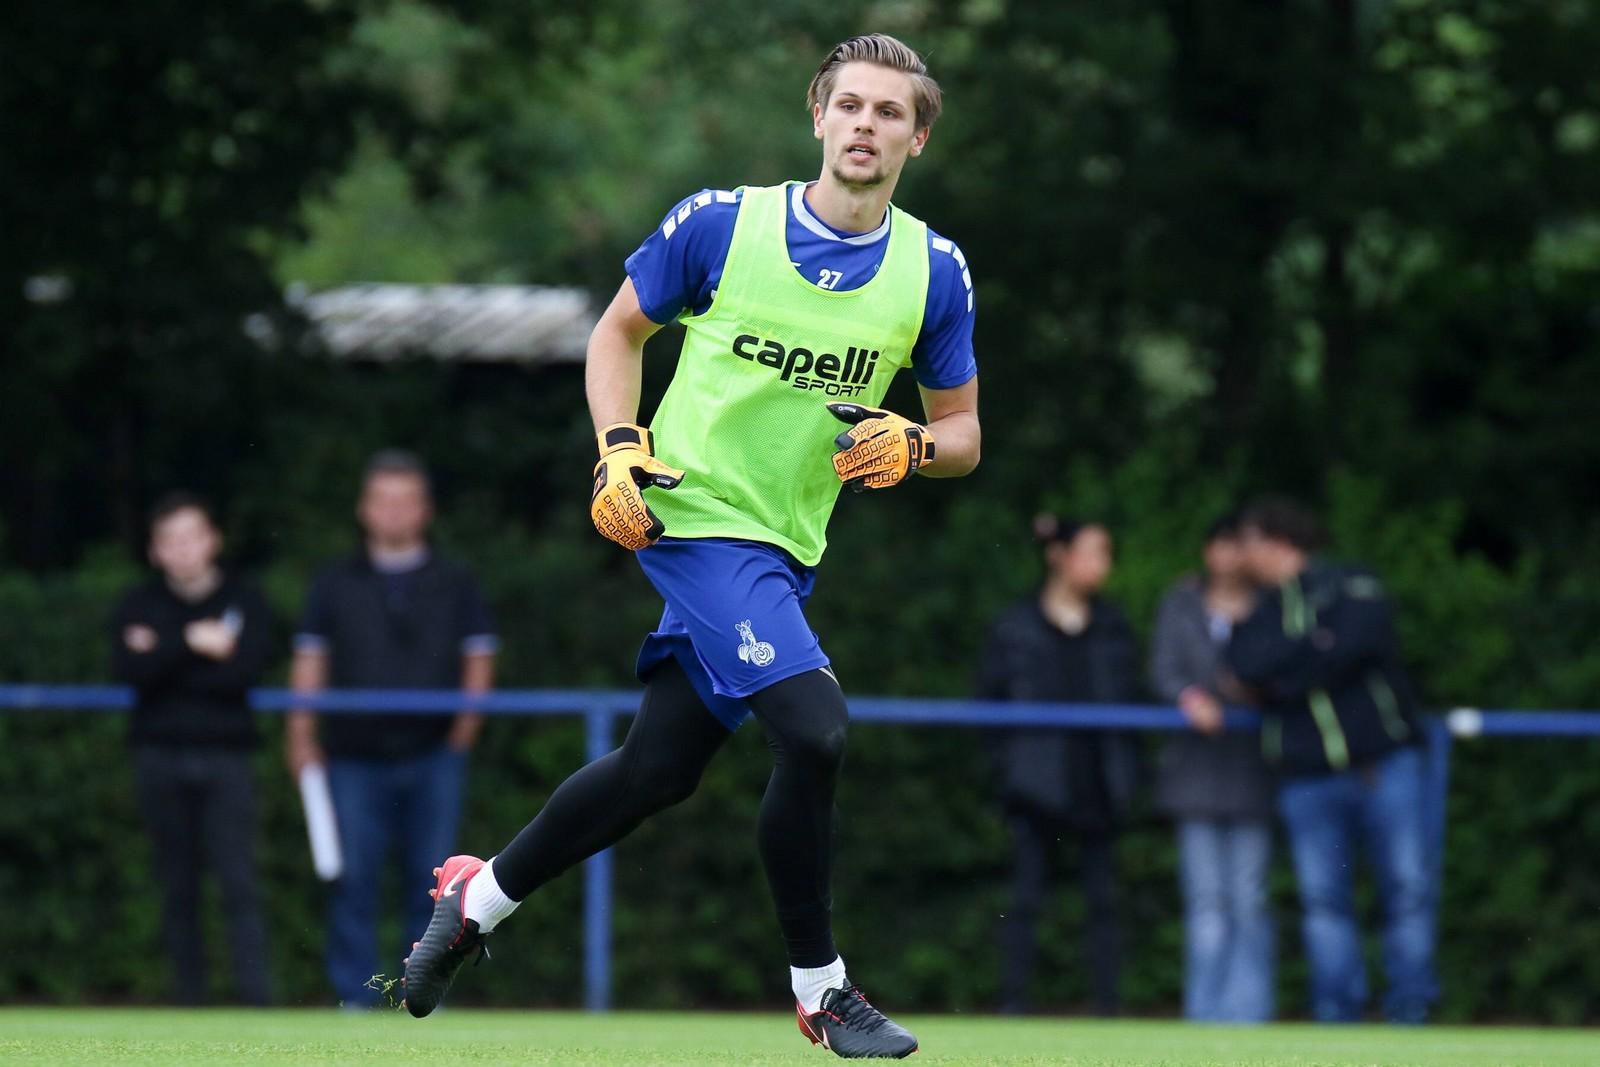 Daniel Mesenhöler blieb in den letzten beiden seiner neun Einsätze ohne Gegentreffer.